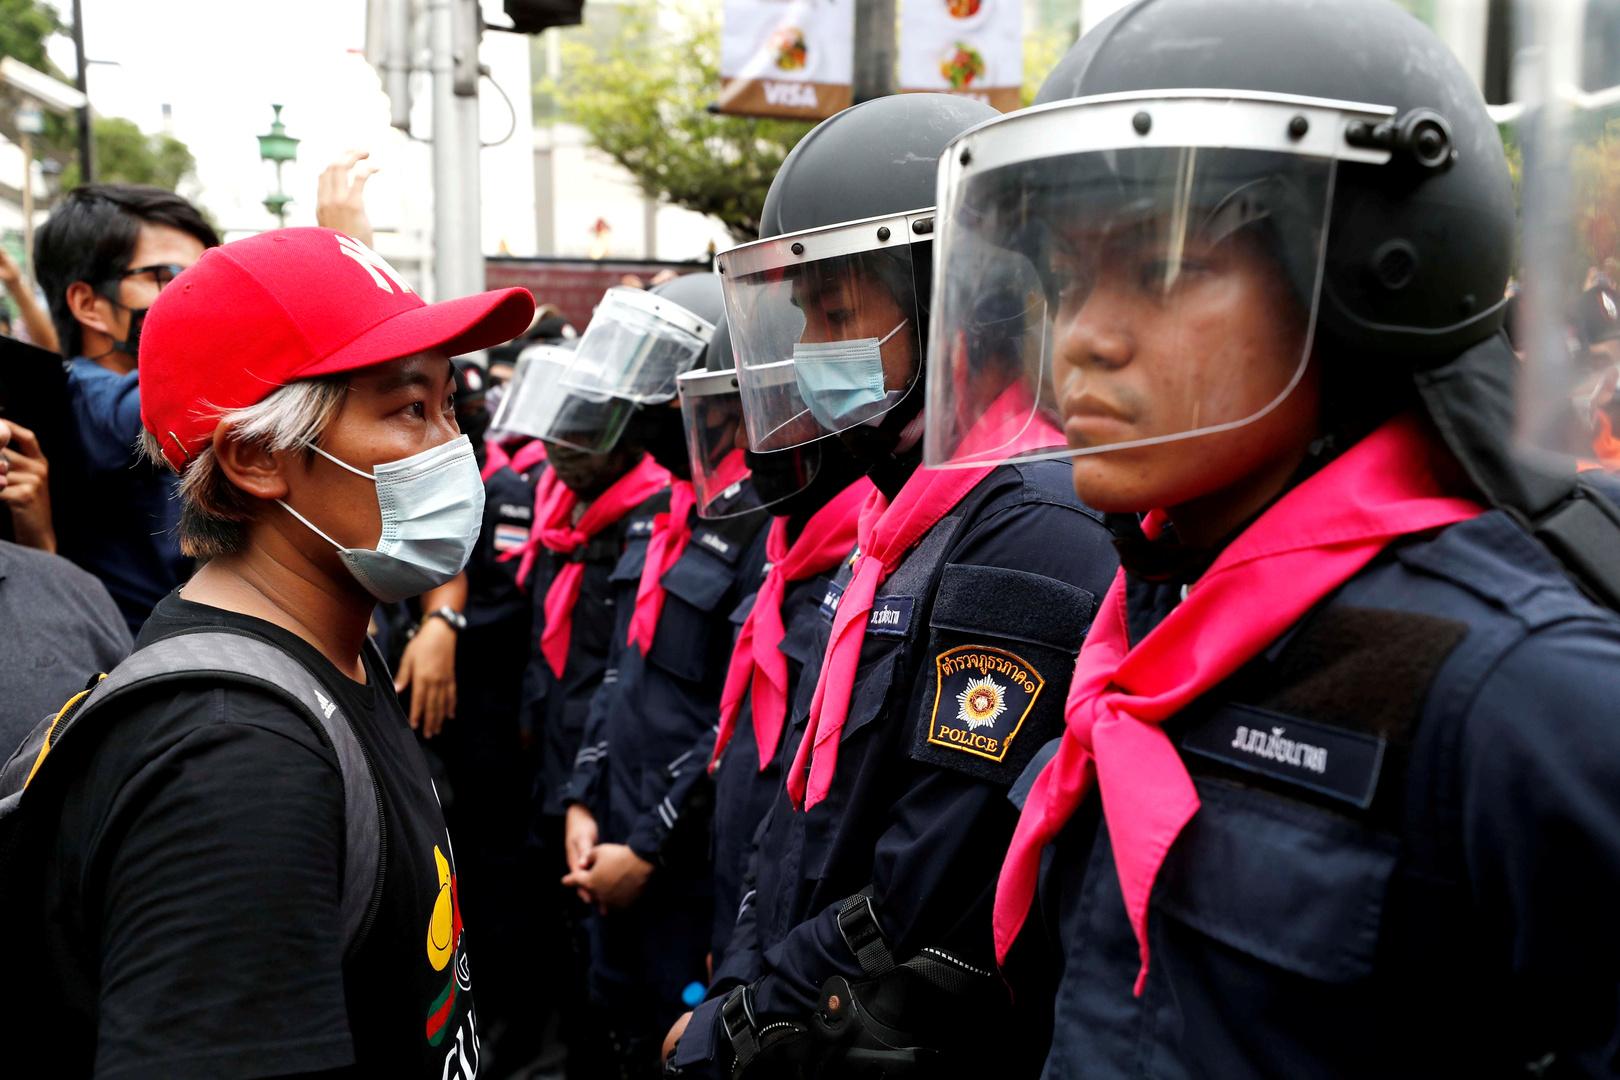 رئيس وزراء تايلاند يرد على المحتجين: لن أستقيل